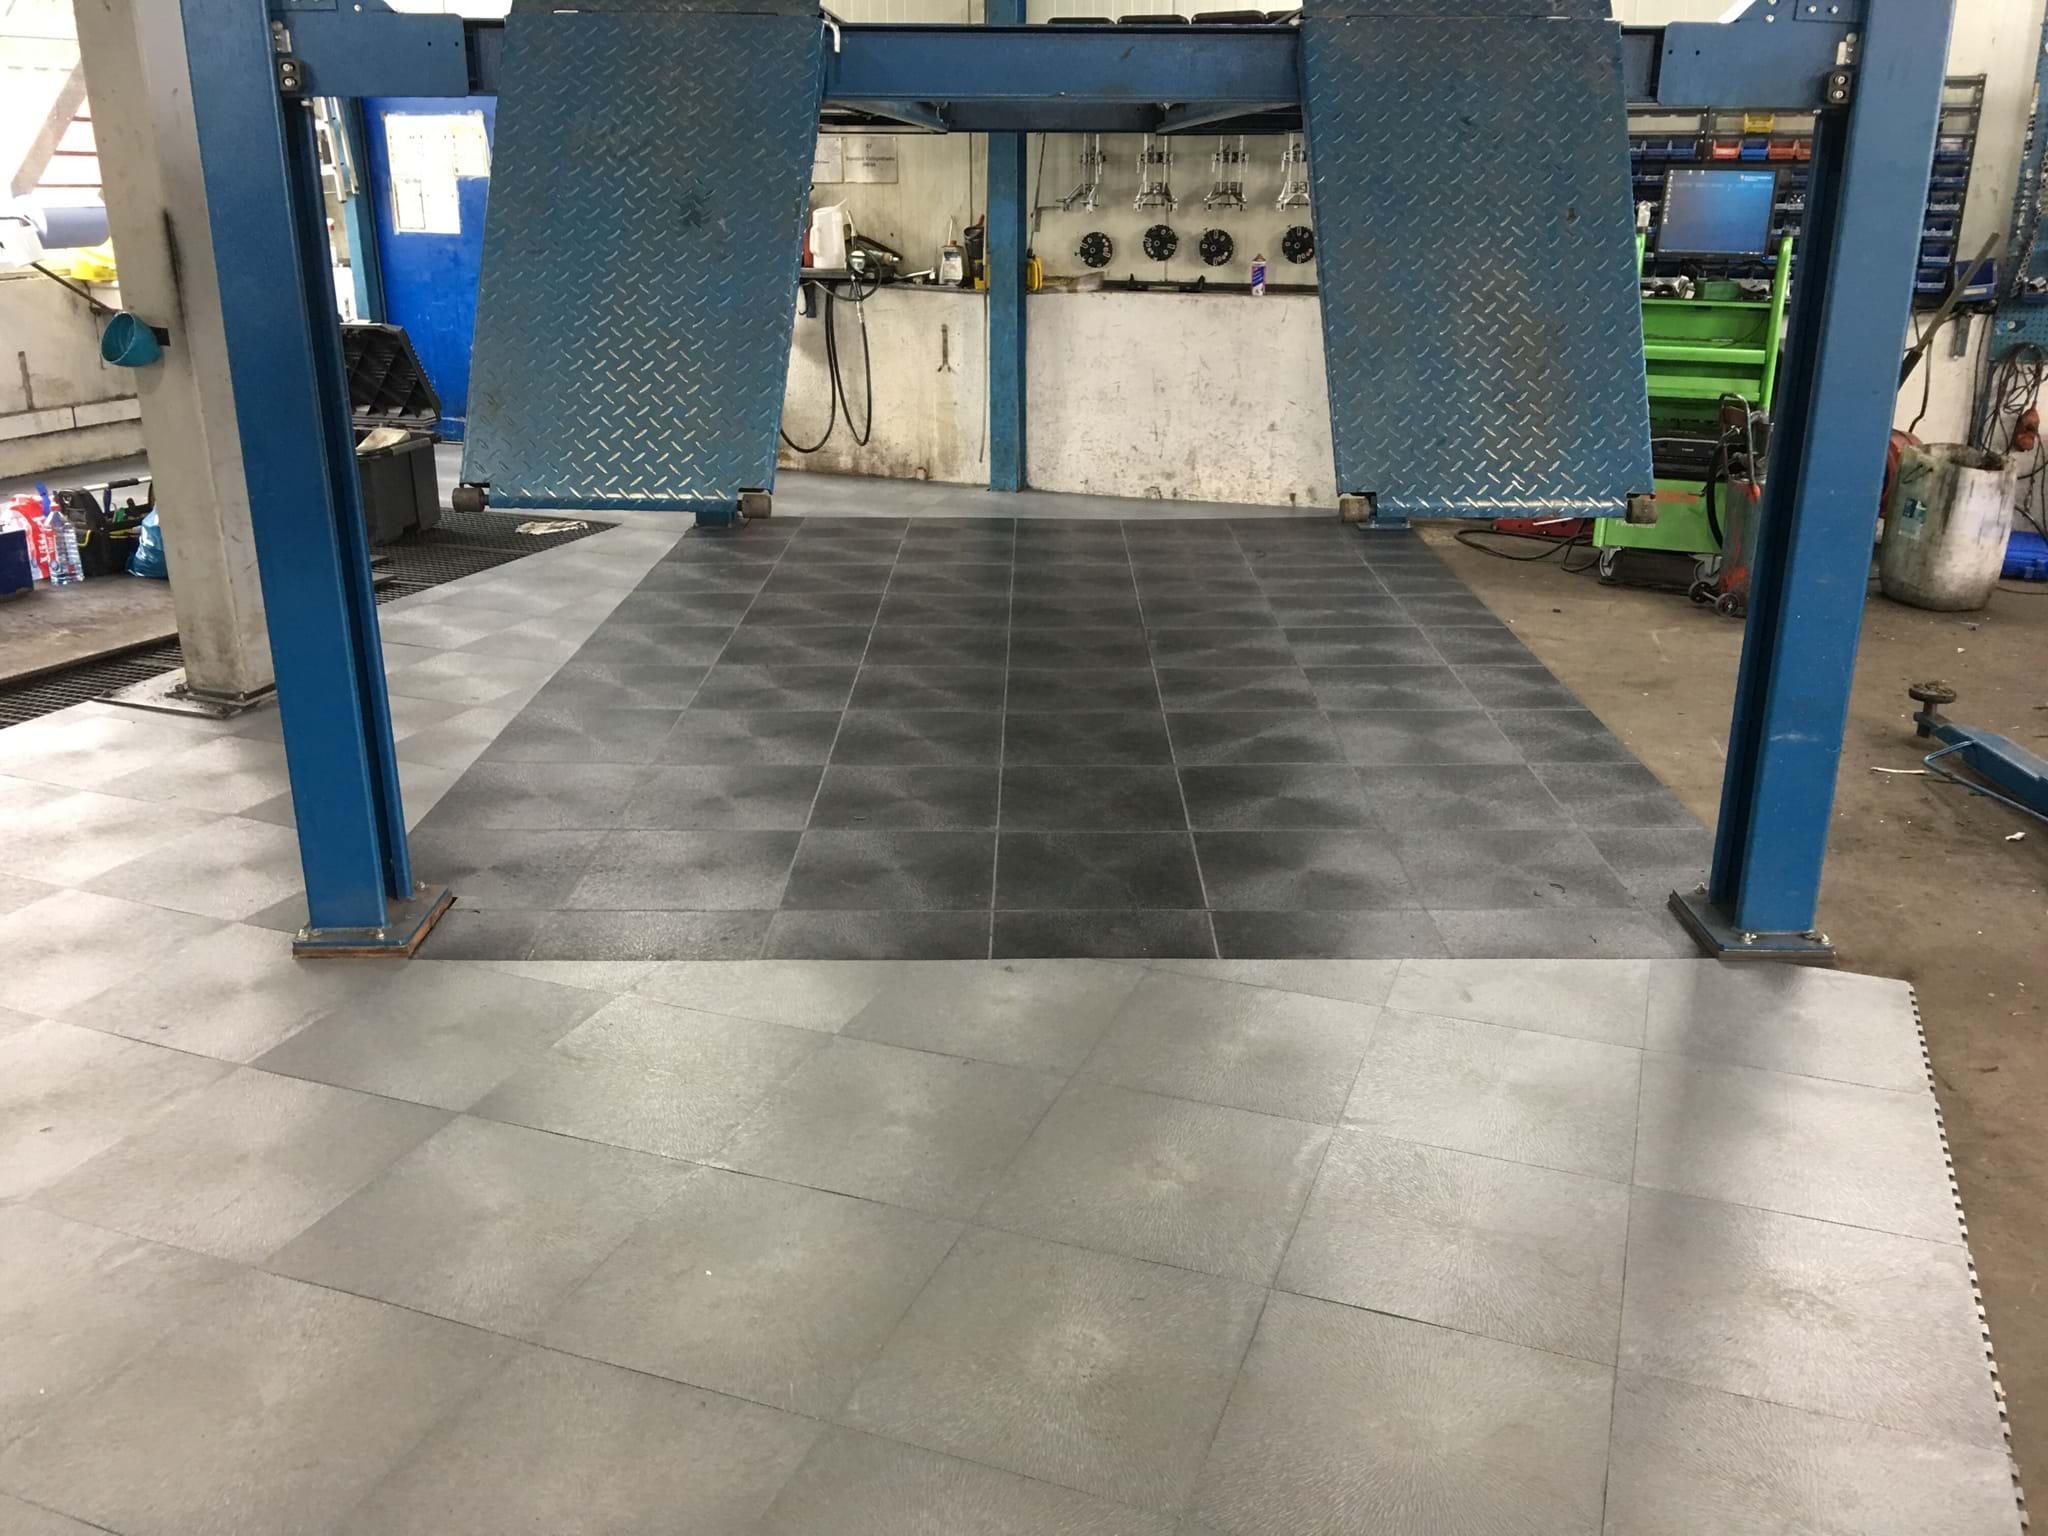 Fußboden Werkstatt ~ Details zum artikel werkstatt ausrüstung werkstatt mit pvc